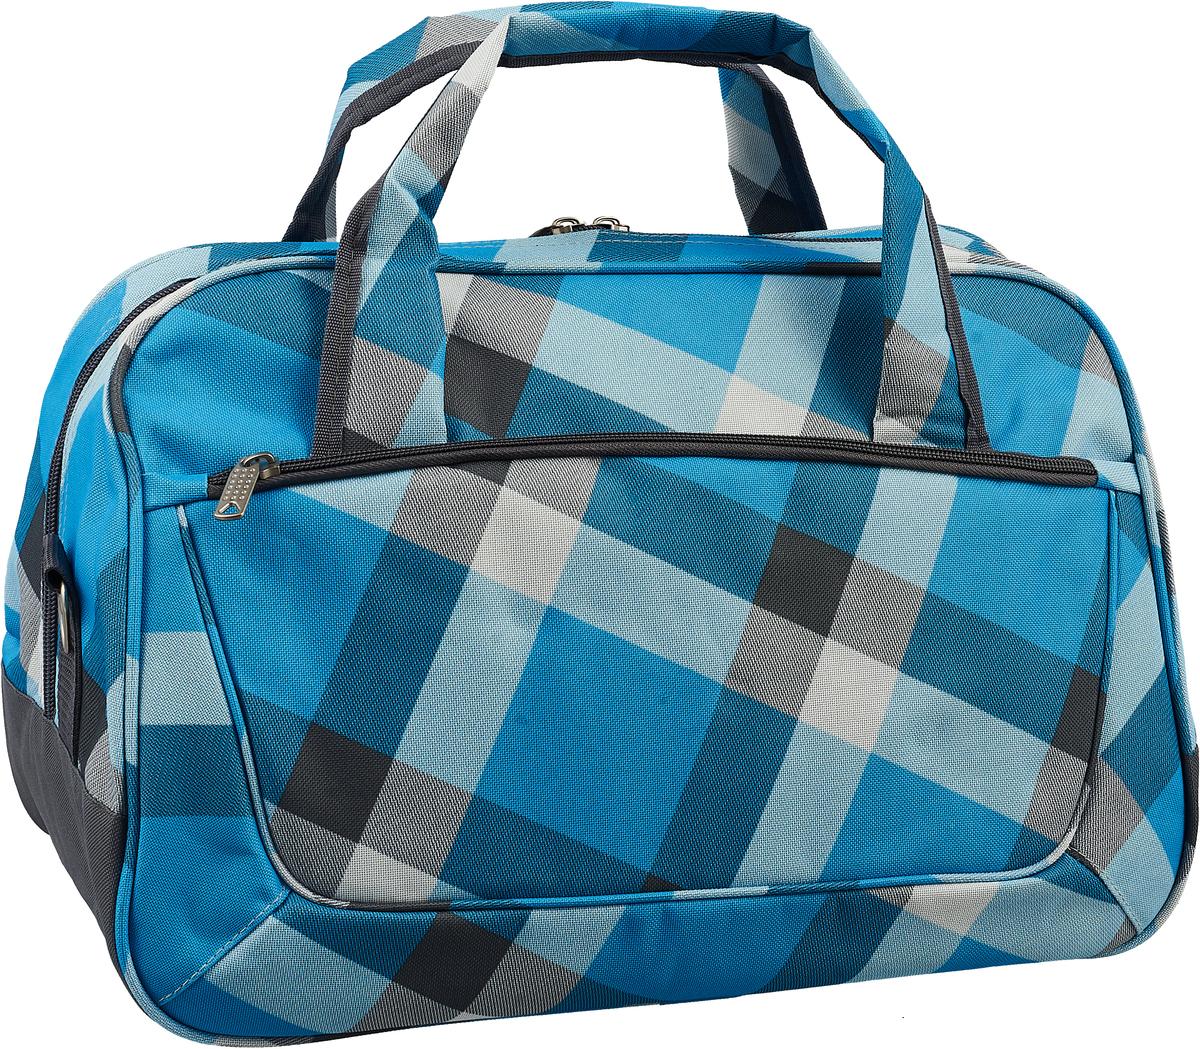 Сумка дорожная Ibag, цвет: голубой, 29 л5205 серо-голубая клеткаТекстильный саквояж премиум класса. Снаружи по 1 накладному карману на молнии с каждой стороны. Внутри 1 большое отделение, 1 боковой карман на молнии, 2 накладных кармана. В комплекте плечевой ремень.